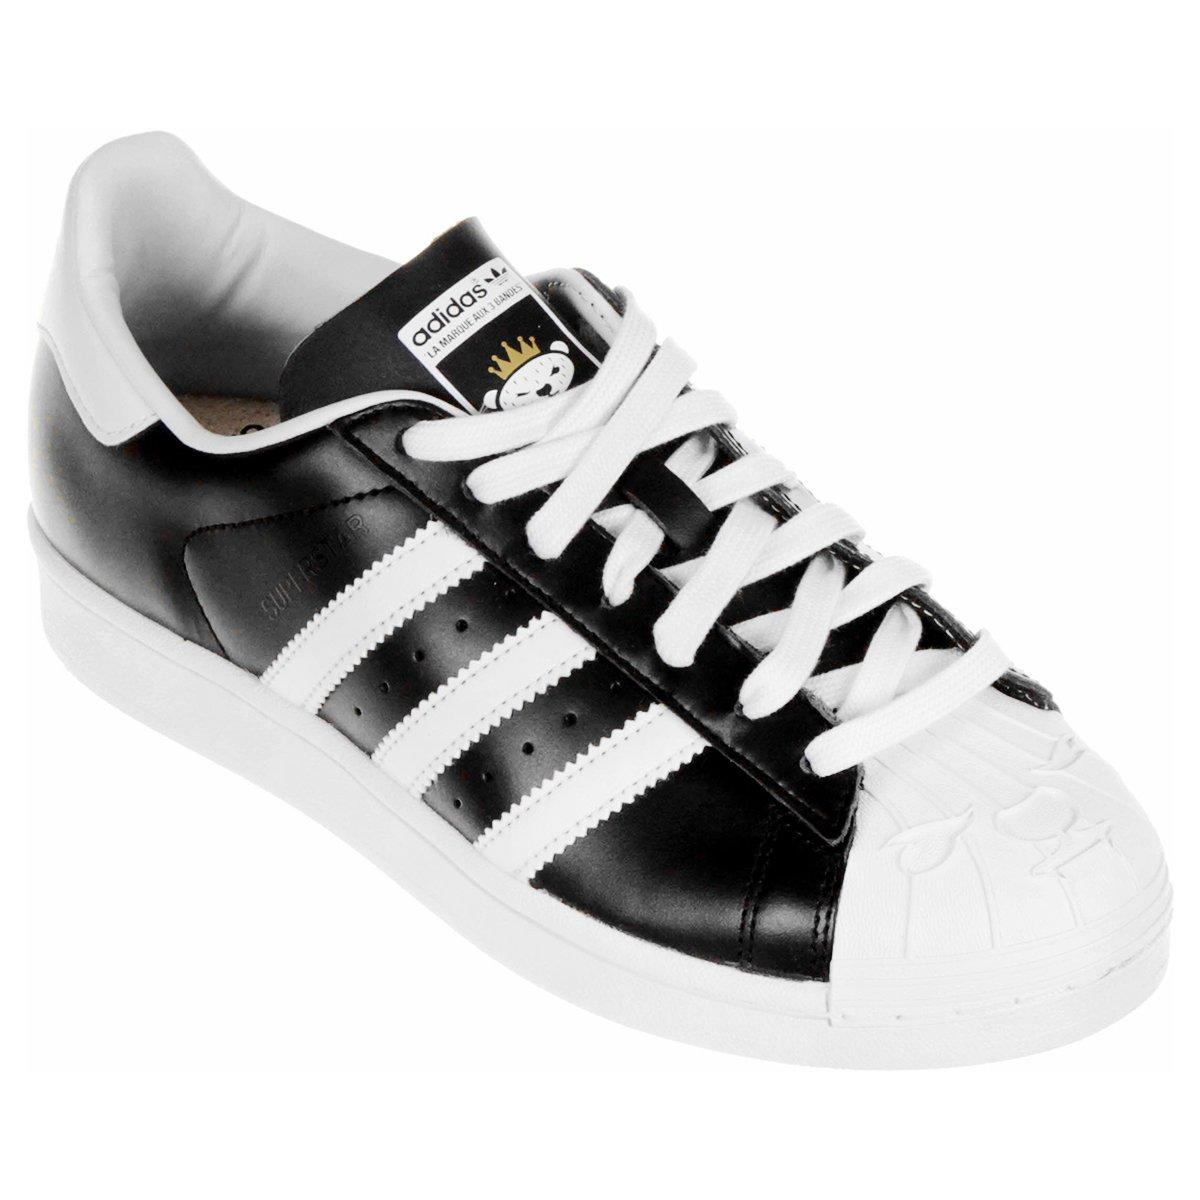 fcb02cb4f55 ... spain tênis adidas superstar nigo compre agora netshoes ac9eb 3de7e ...